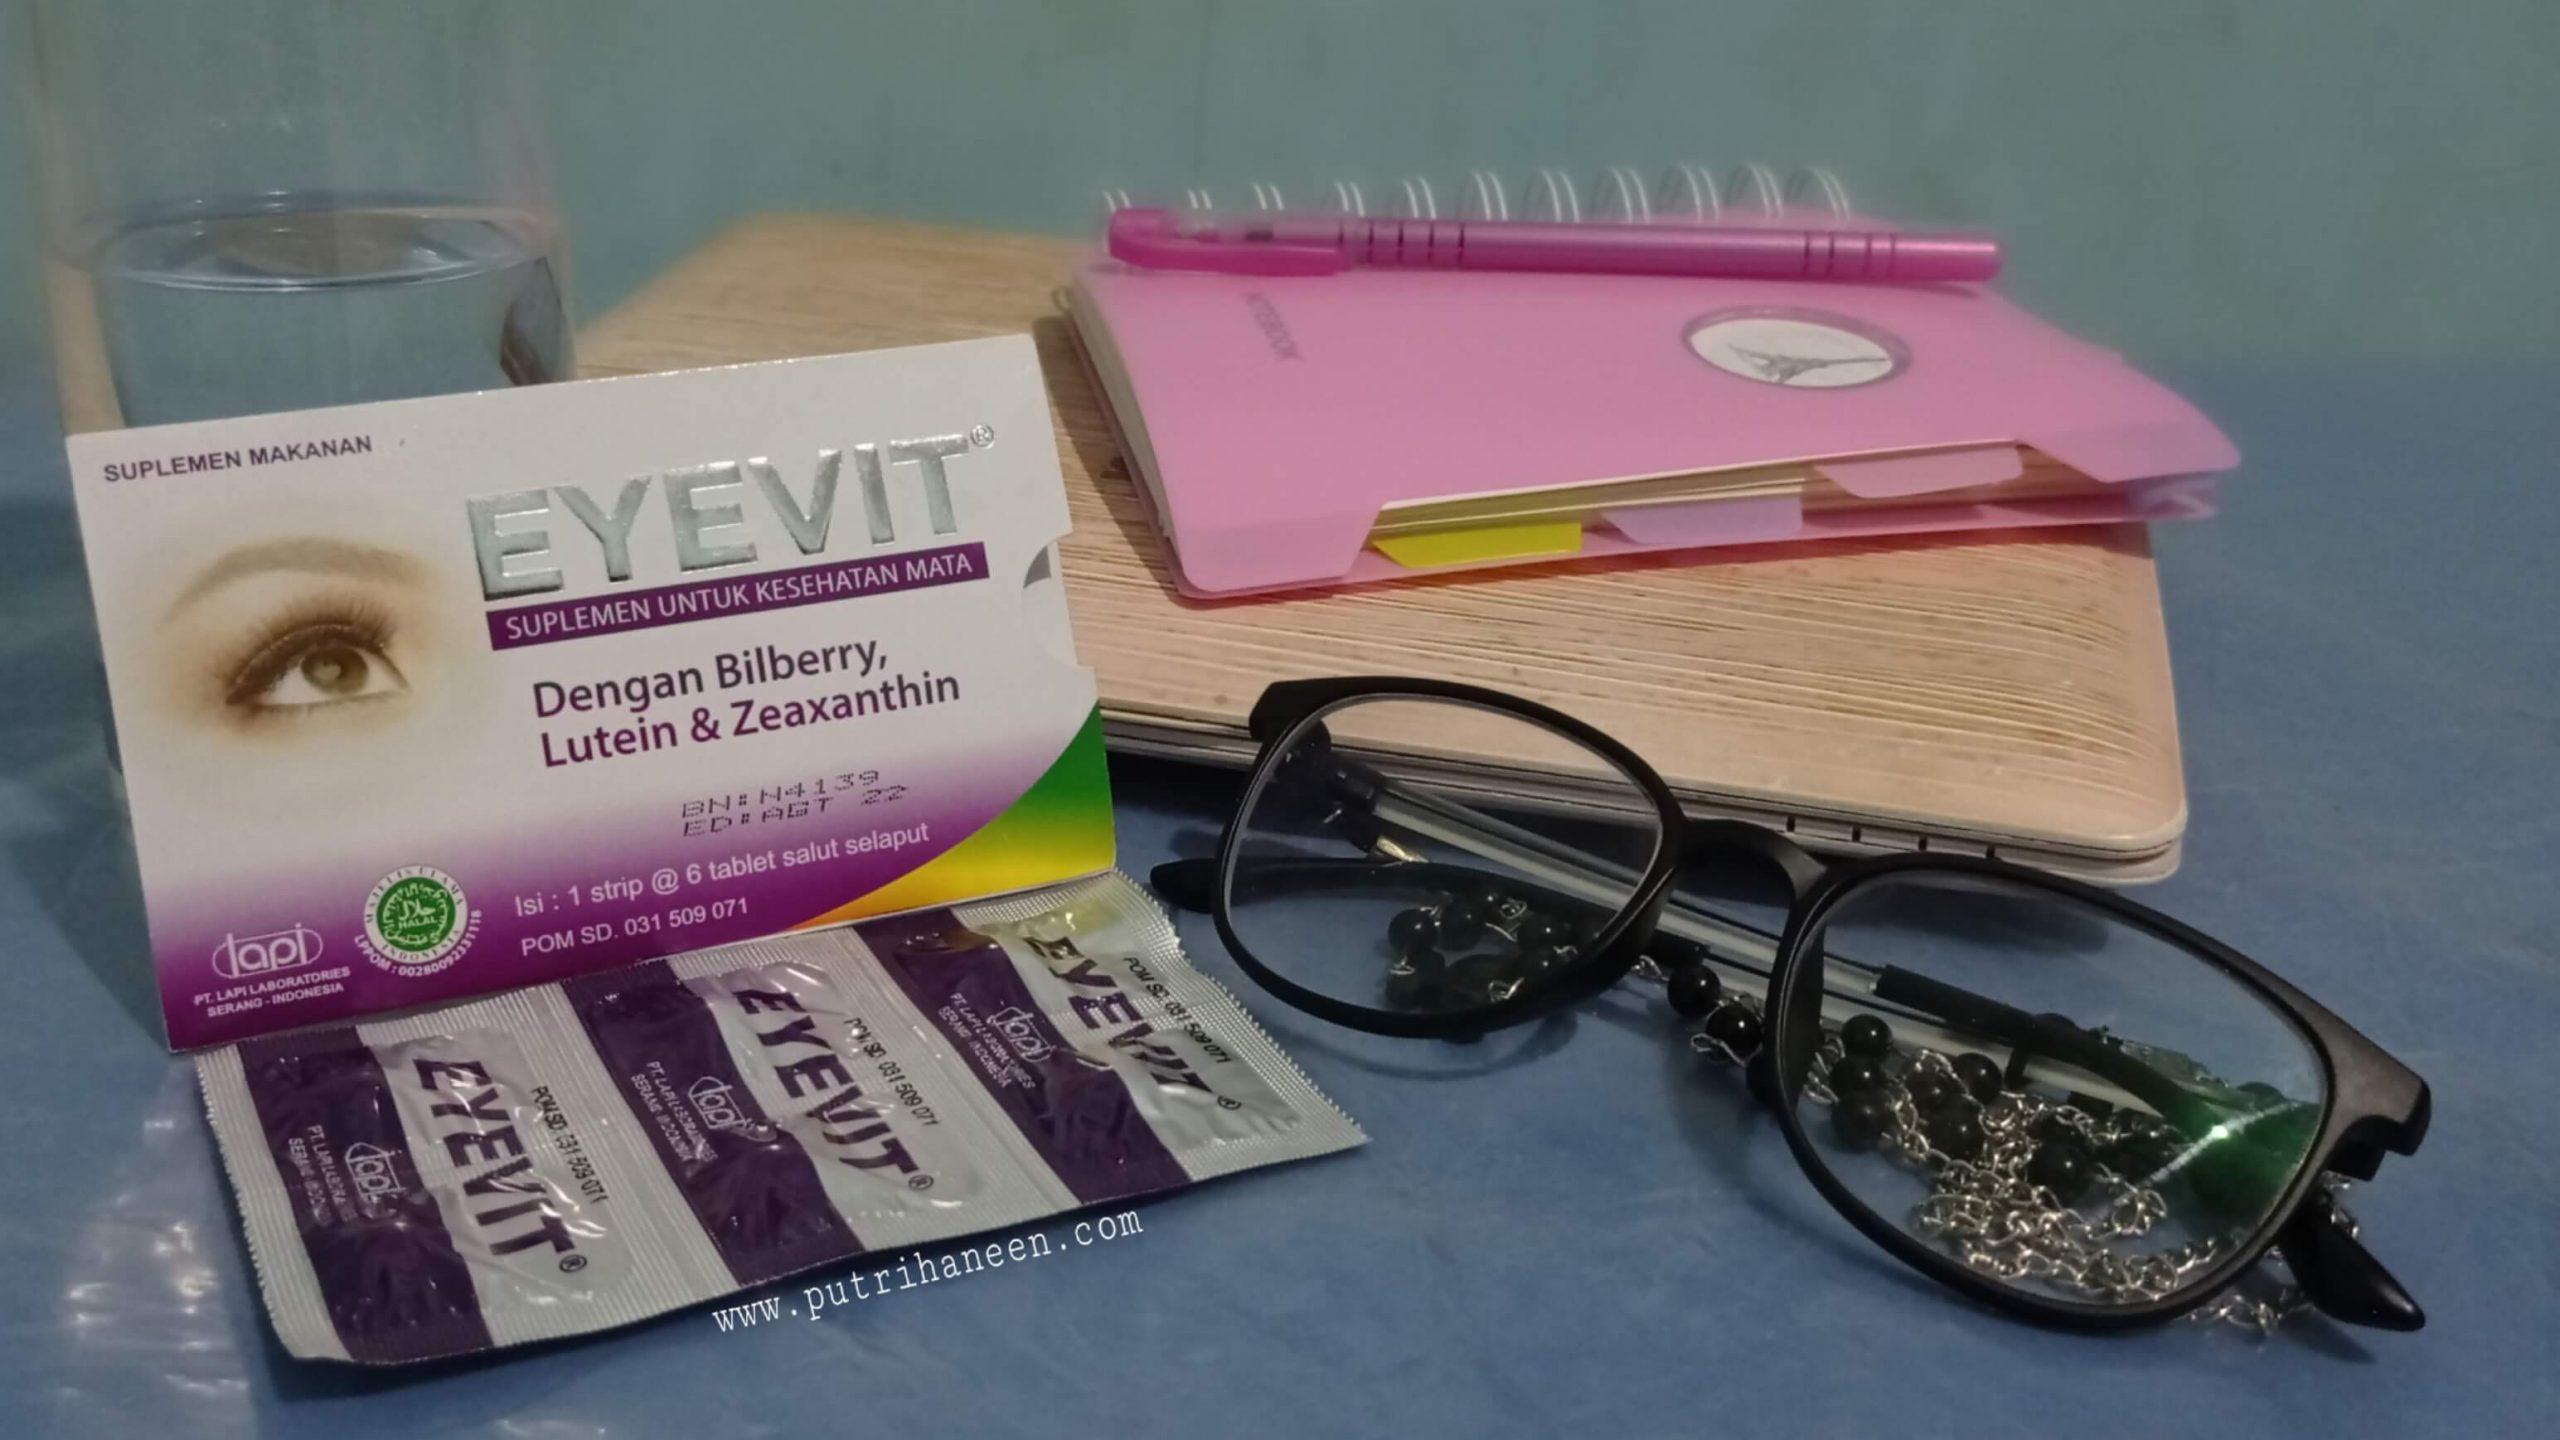 efek samping eyevit